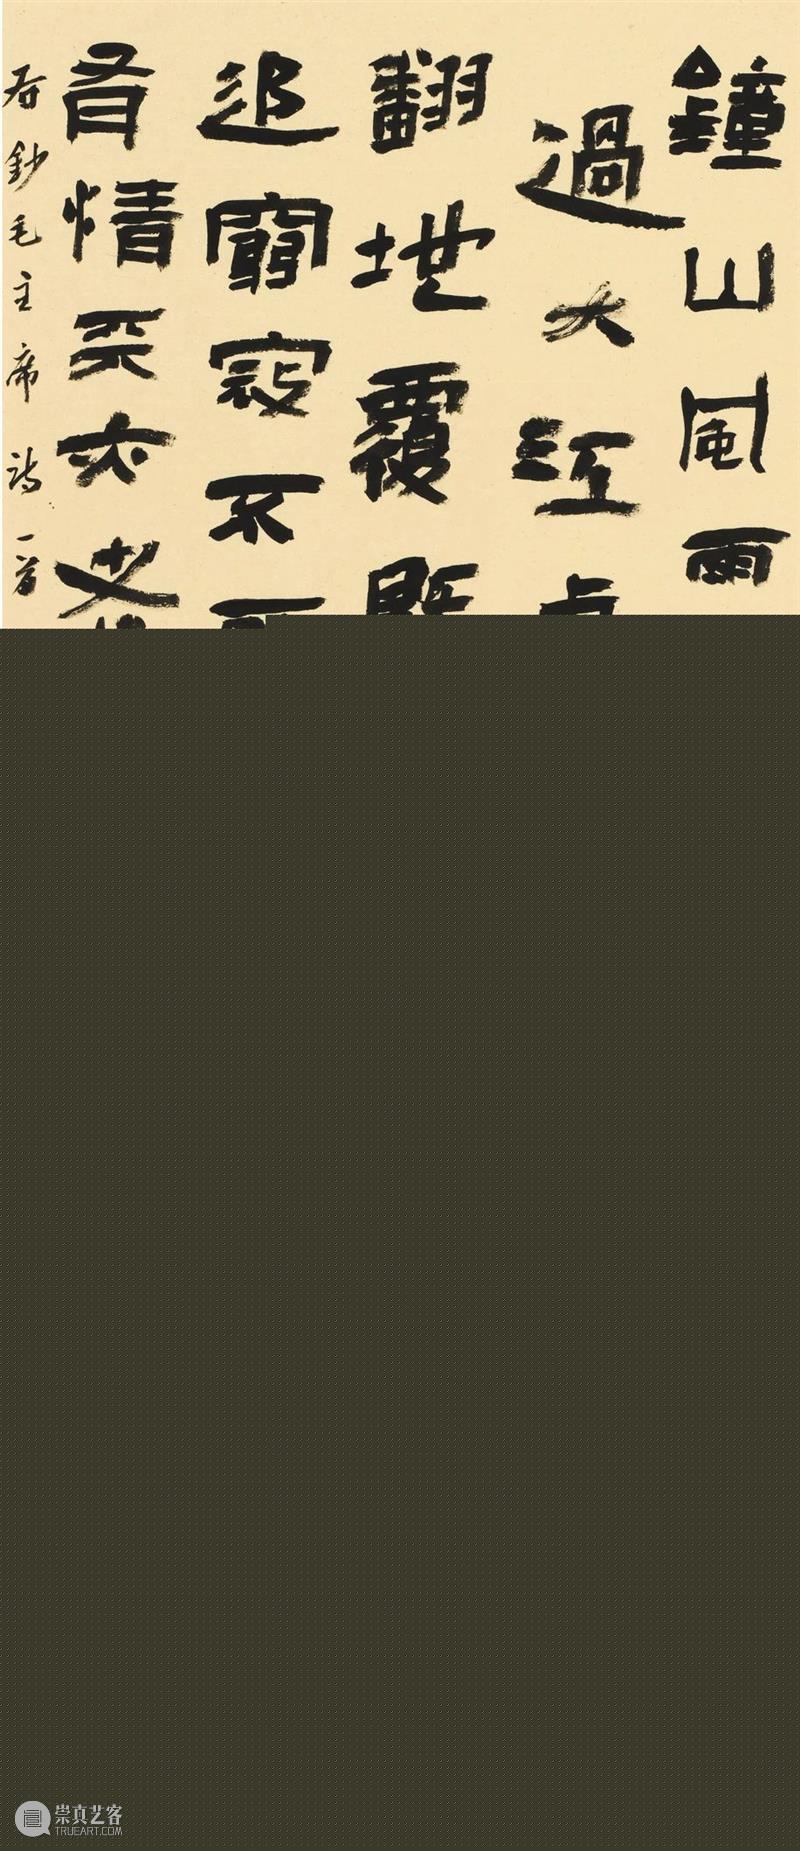 """""""双城墨韵——深圳罗湖·安徽马鞍山书法联展""""在罗湖美术馆开幕(附全部作品) 双城 墨韵 深圳 罗湖 安徽 马鞍山 书法 美术馆 作品 全部 崇真艺客"""